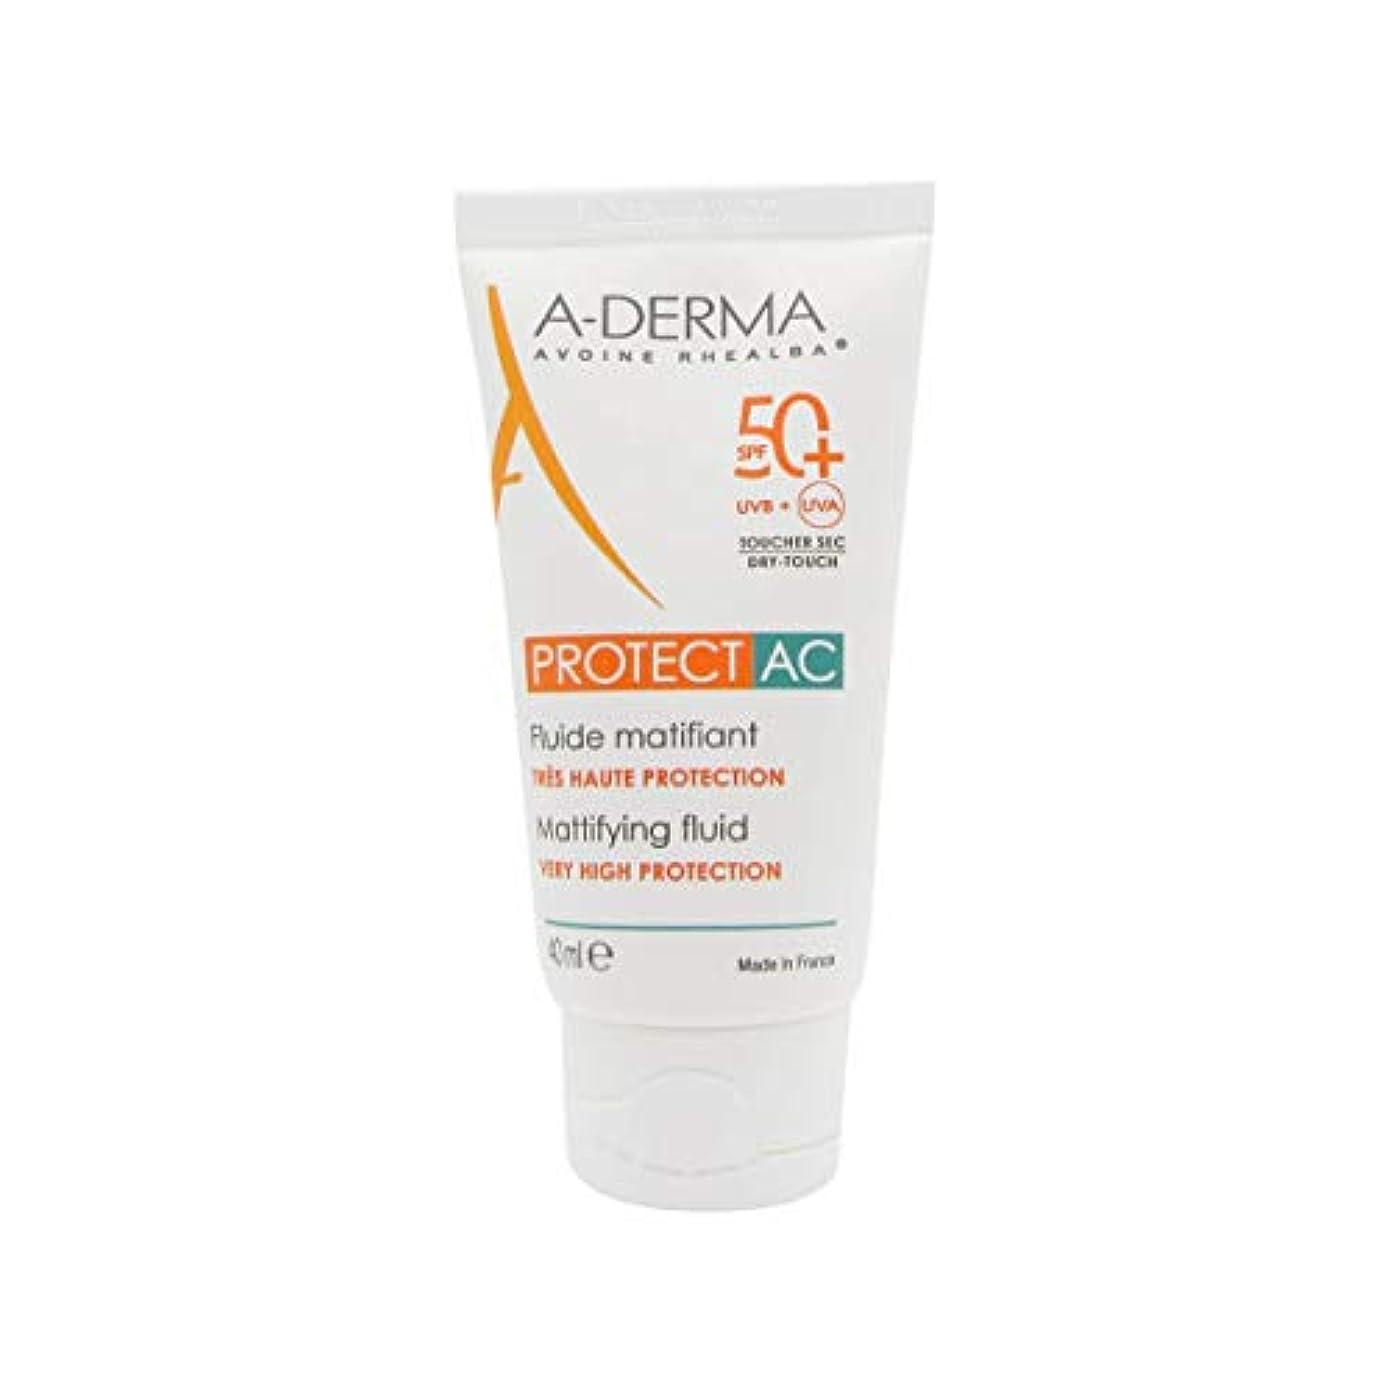 本モルヒネ形A-Derma Protect AC Mattifying Fluid SPF50+ 40ml